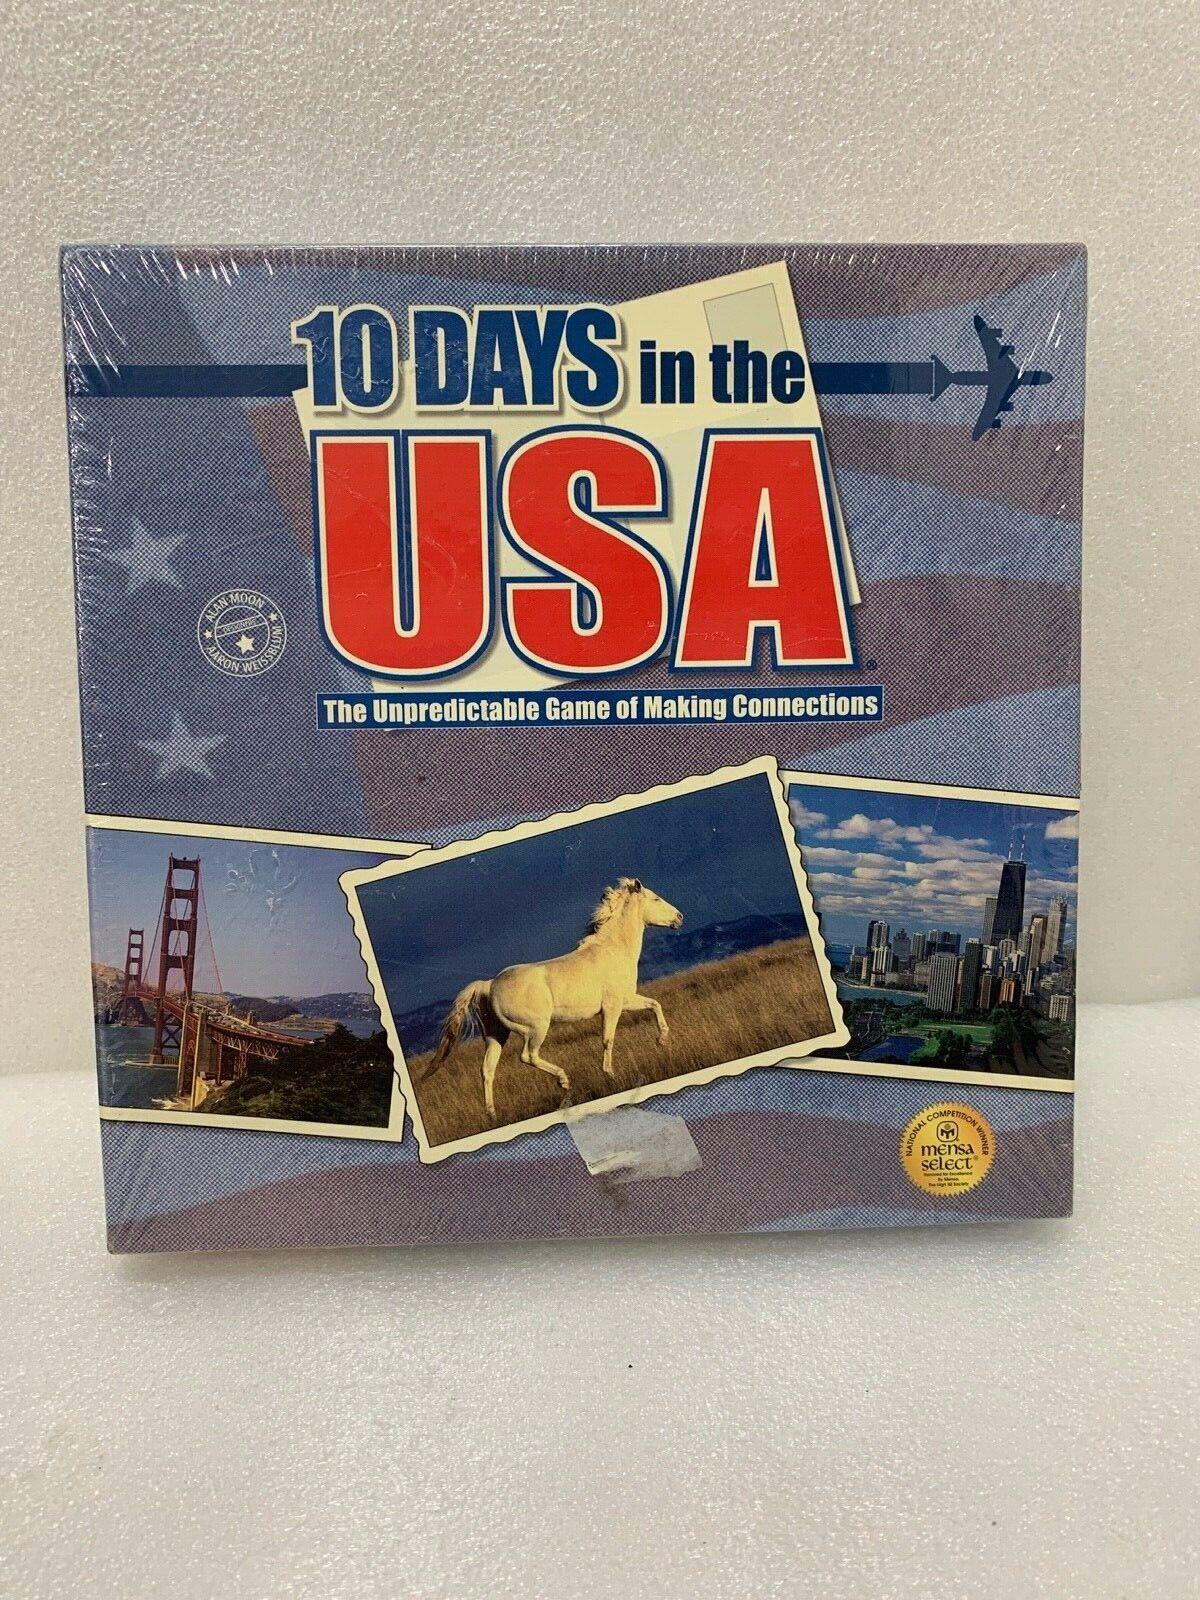 10 Days In USA gioco  (Out of the scatola Publishing) GEOGRAPHY  consegna gratuita e veloce disponibile